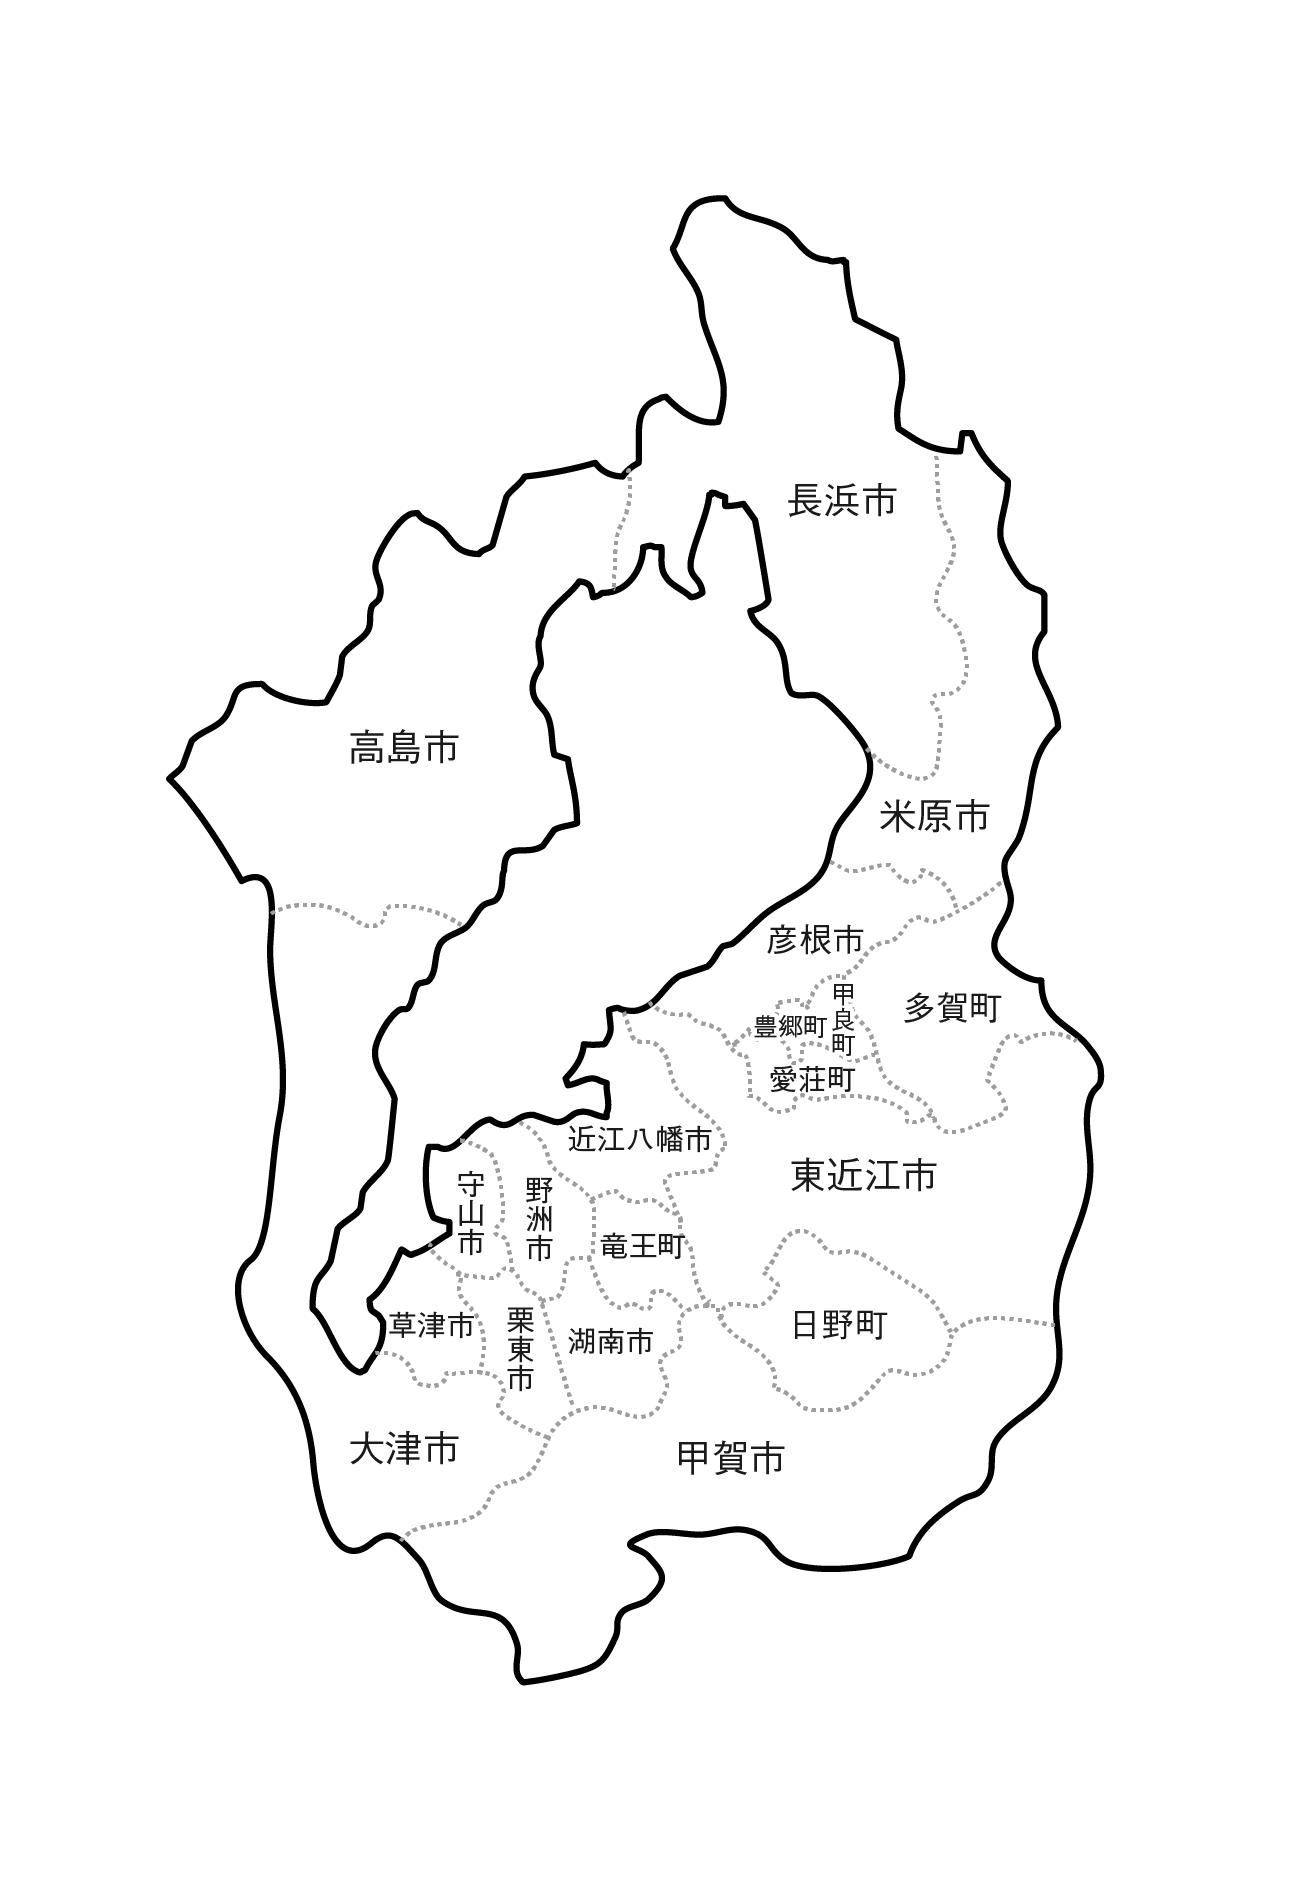 [白地図]滋賀県・ラインあり・市区町村名あり